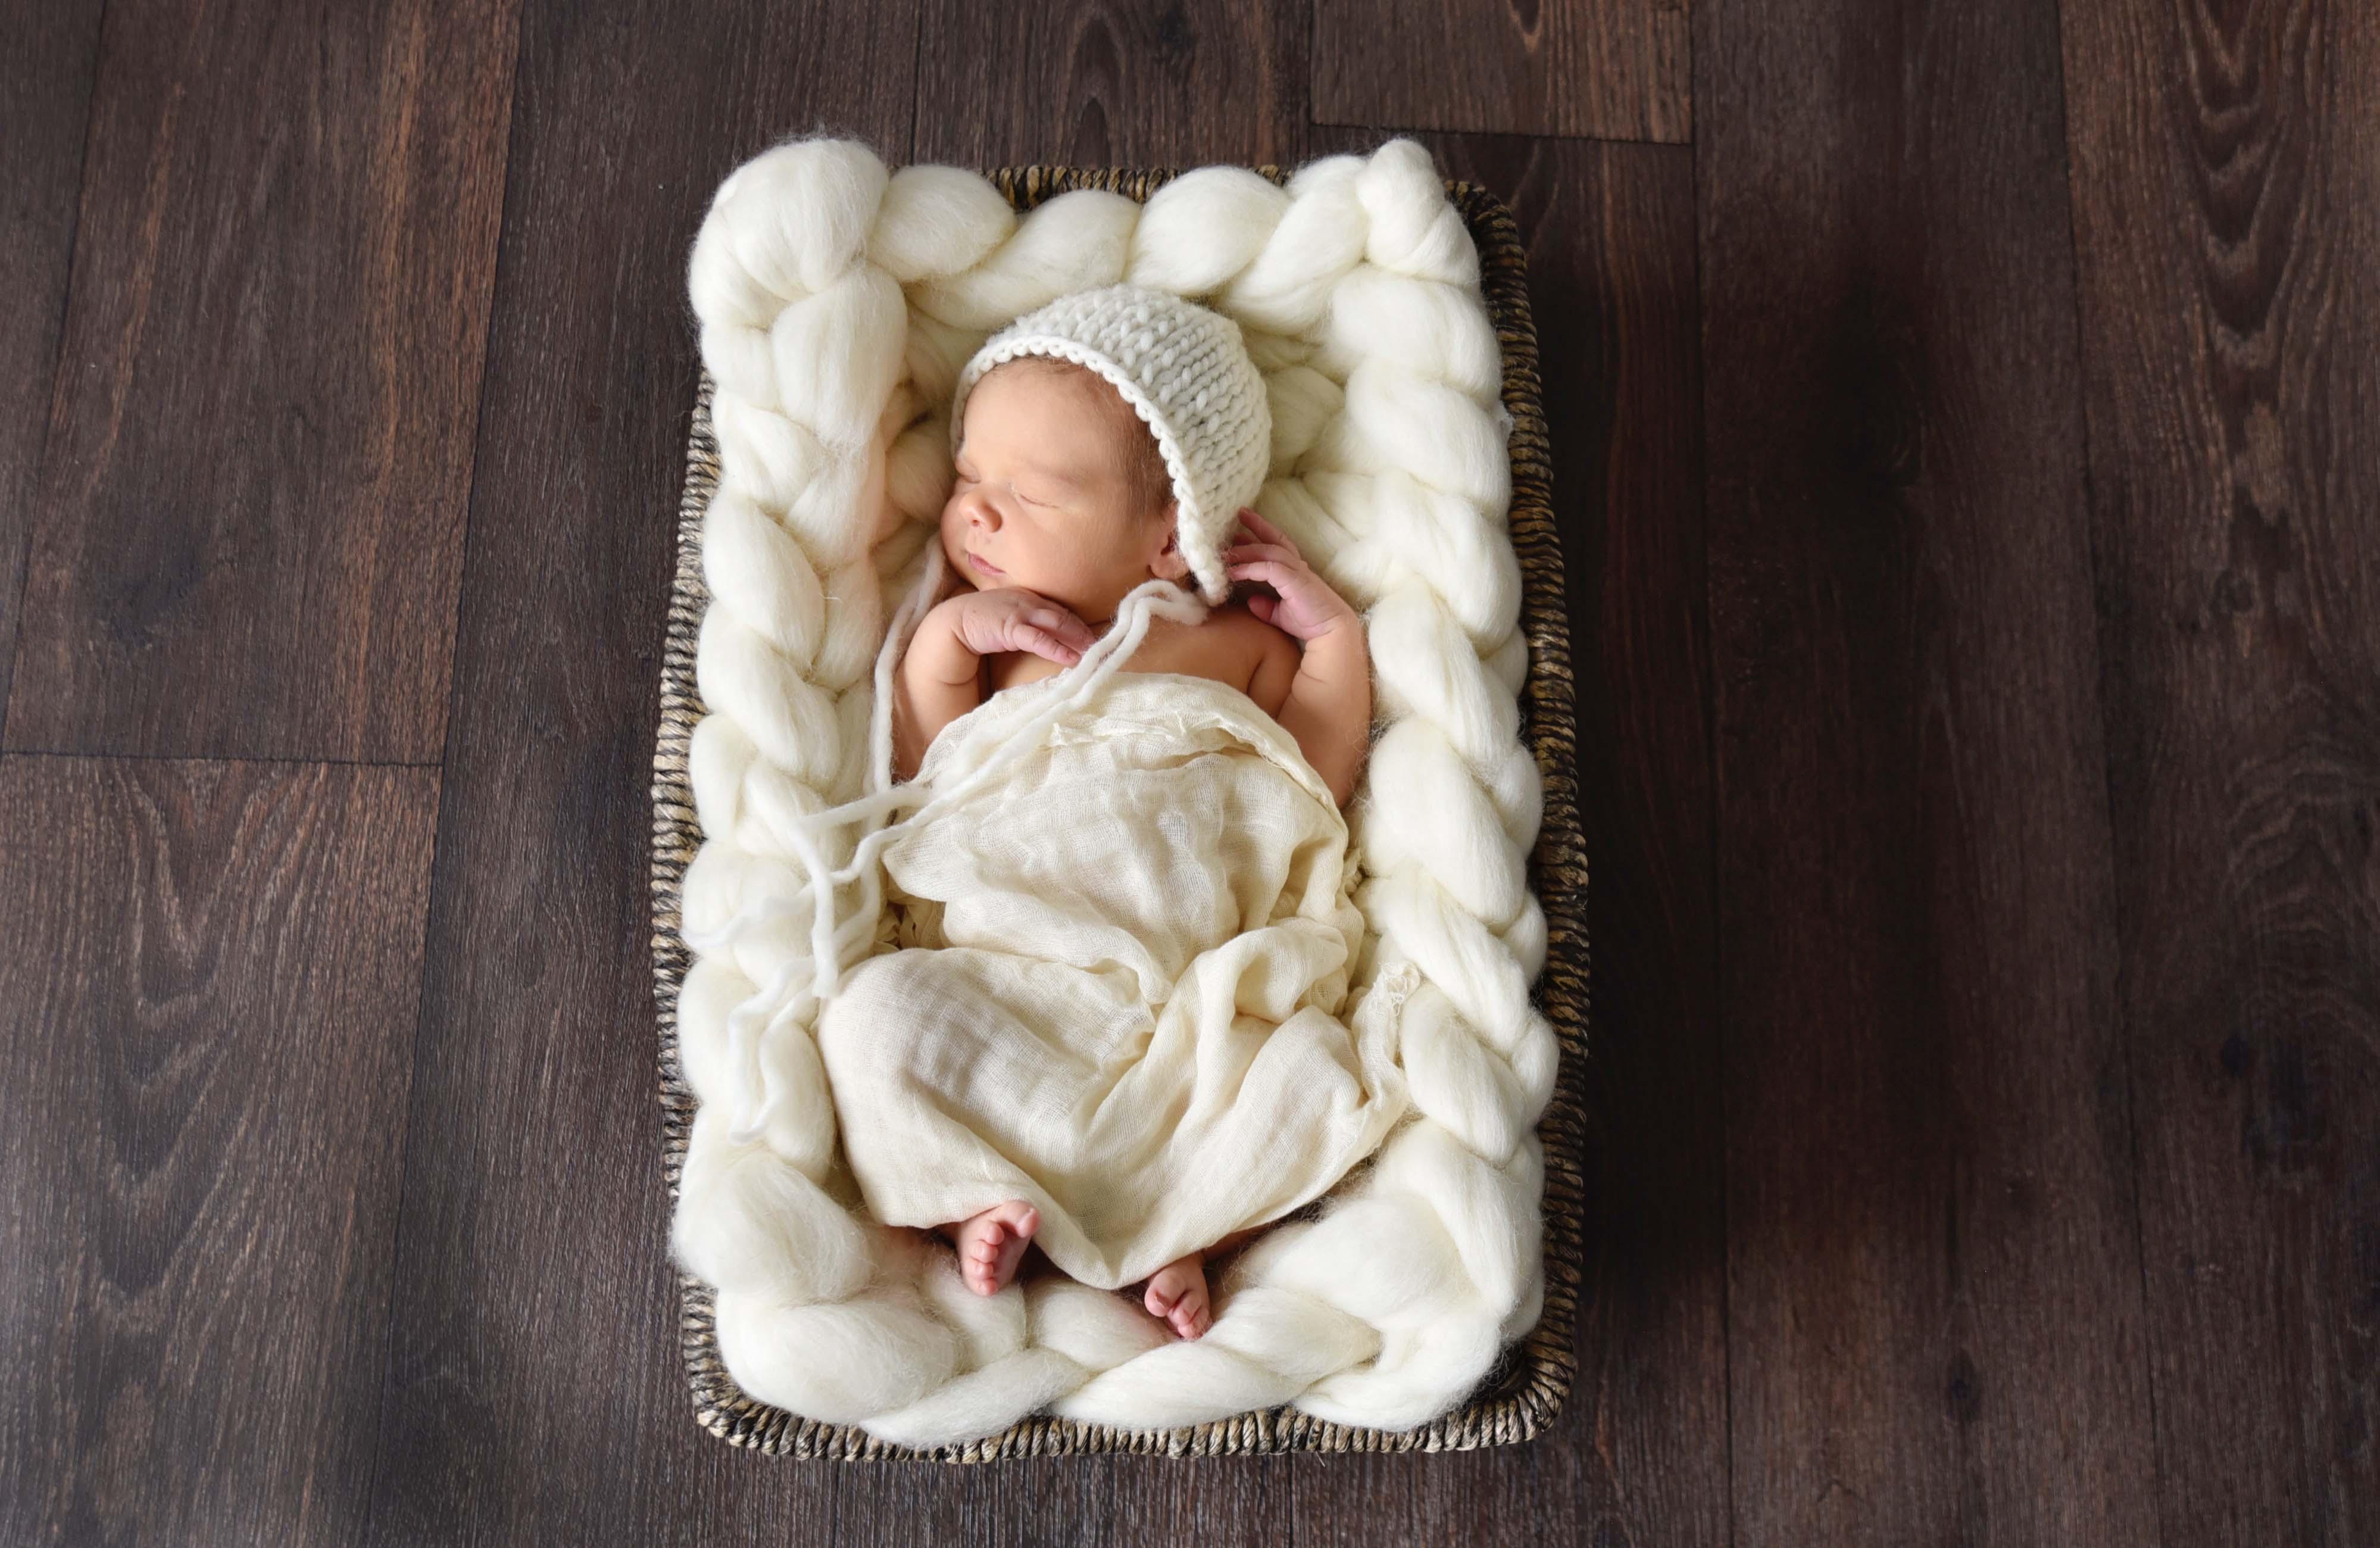 baby photographpy brighton and hove uk, newborn baby photographers uk